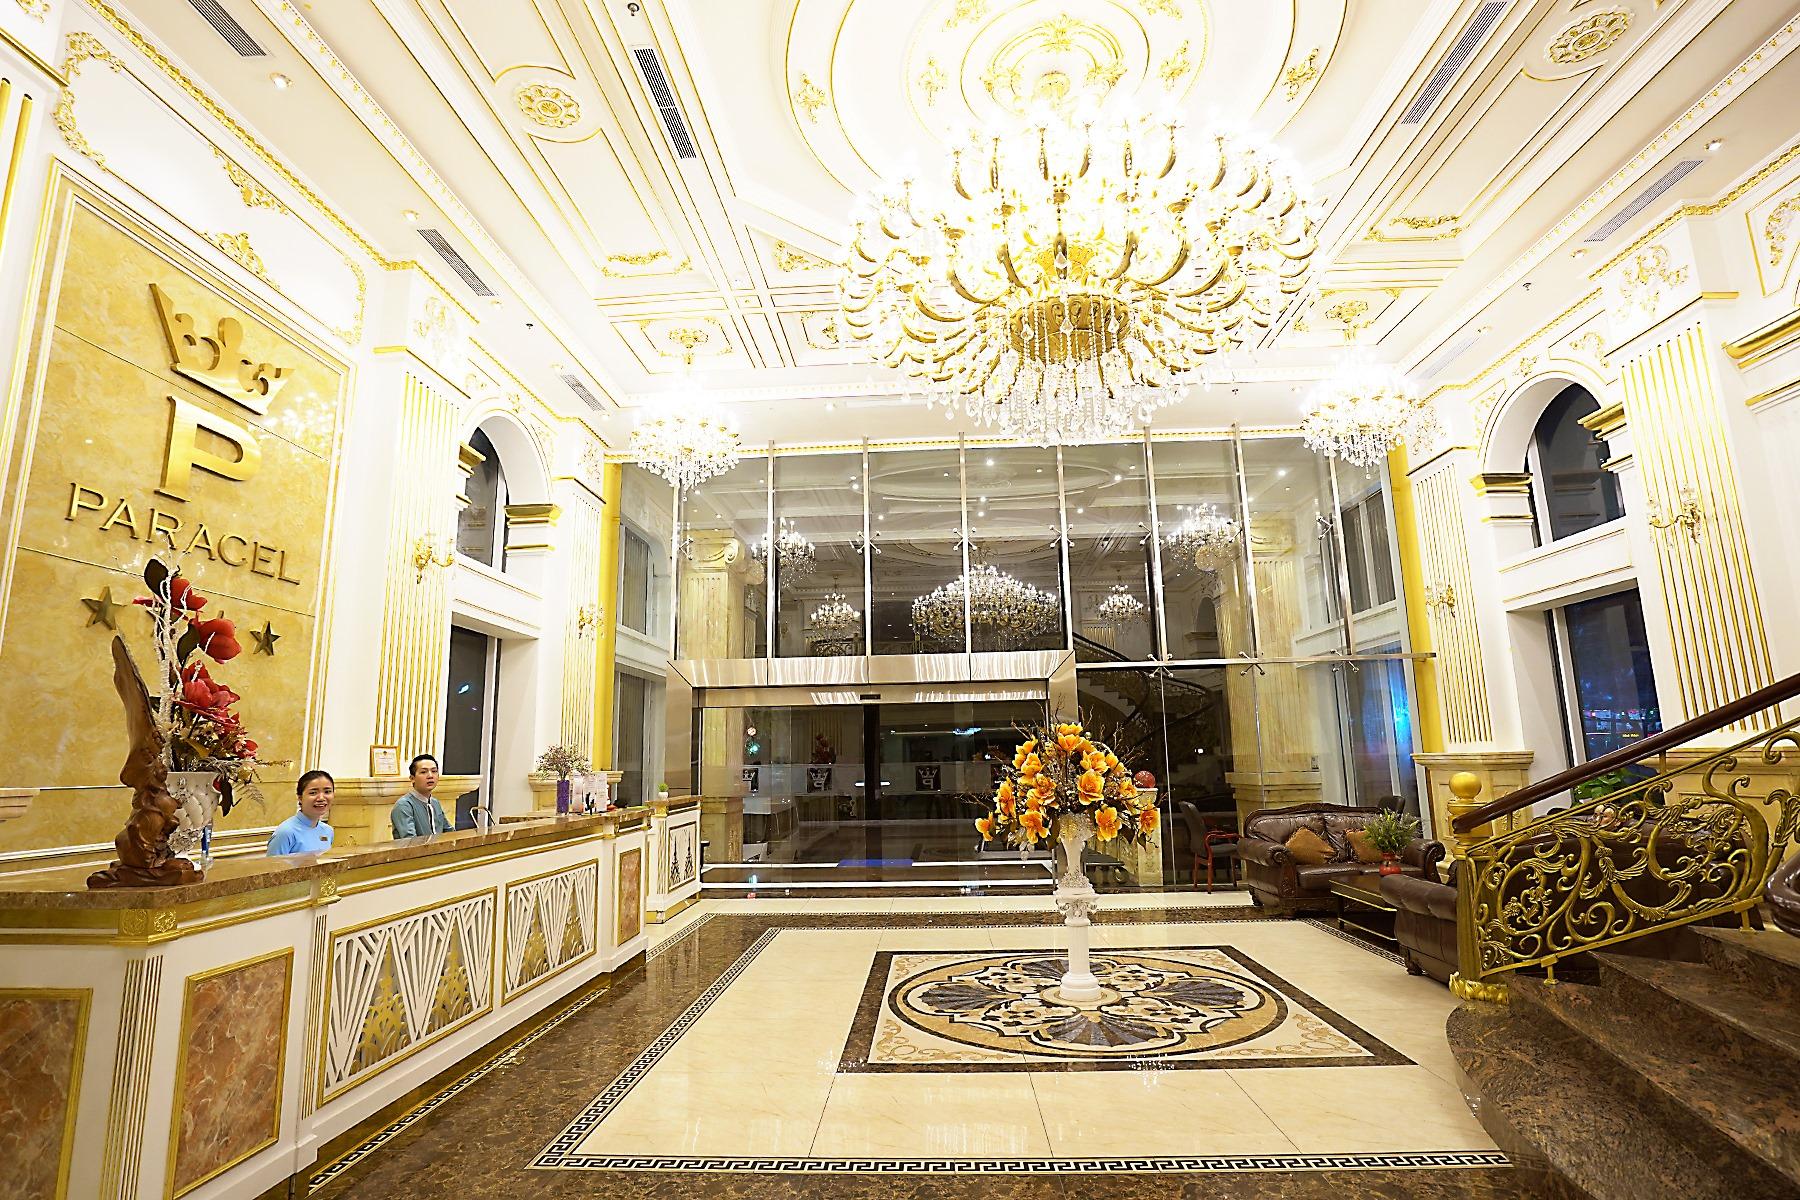 Hà Nội – Đà Nẵng tại Paracel Hotel tiêu chuẩn 4 sao